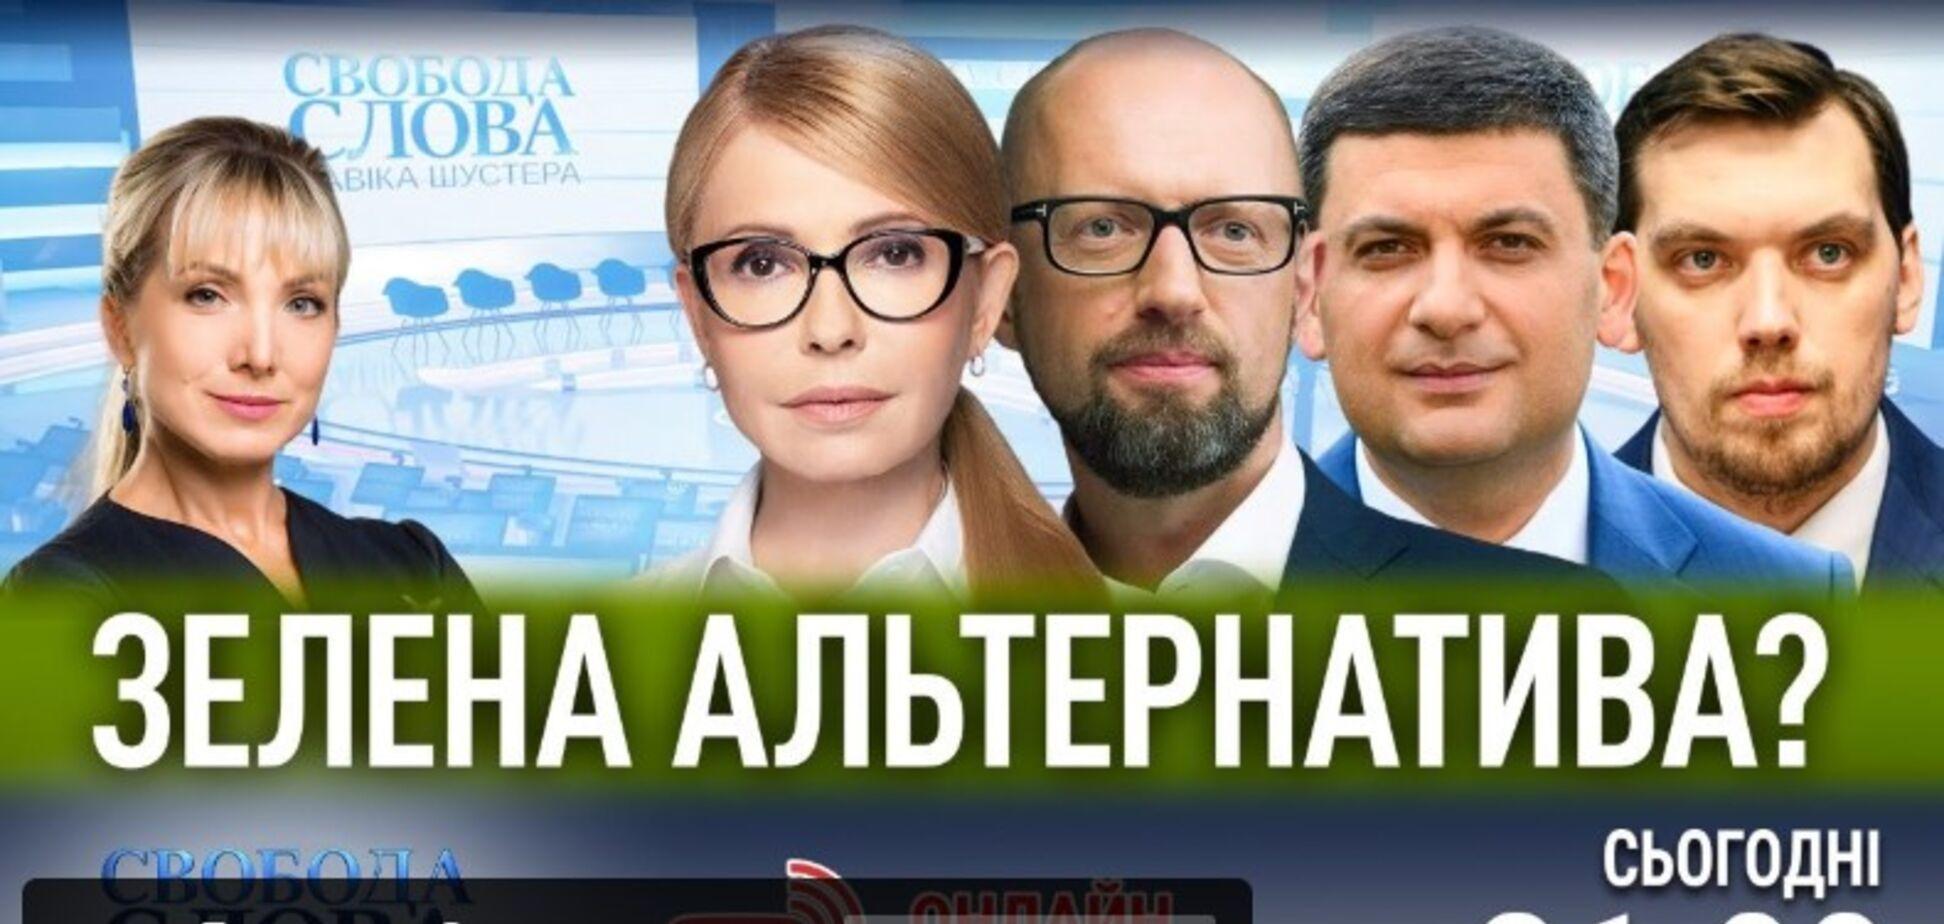 Зелена альтернатива? Гості 'Свободи слова Савіка Шустера' обговорять проблеми енергогалузі України та що на неї чекає